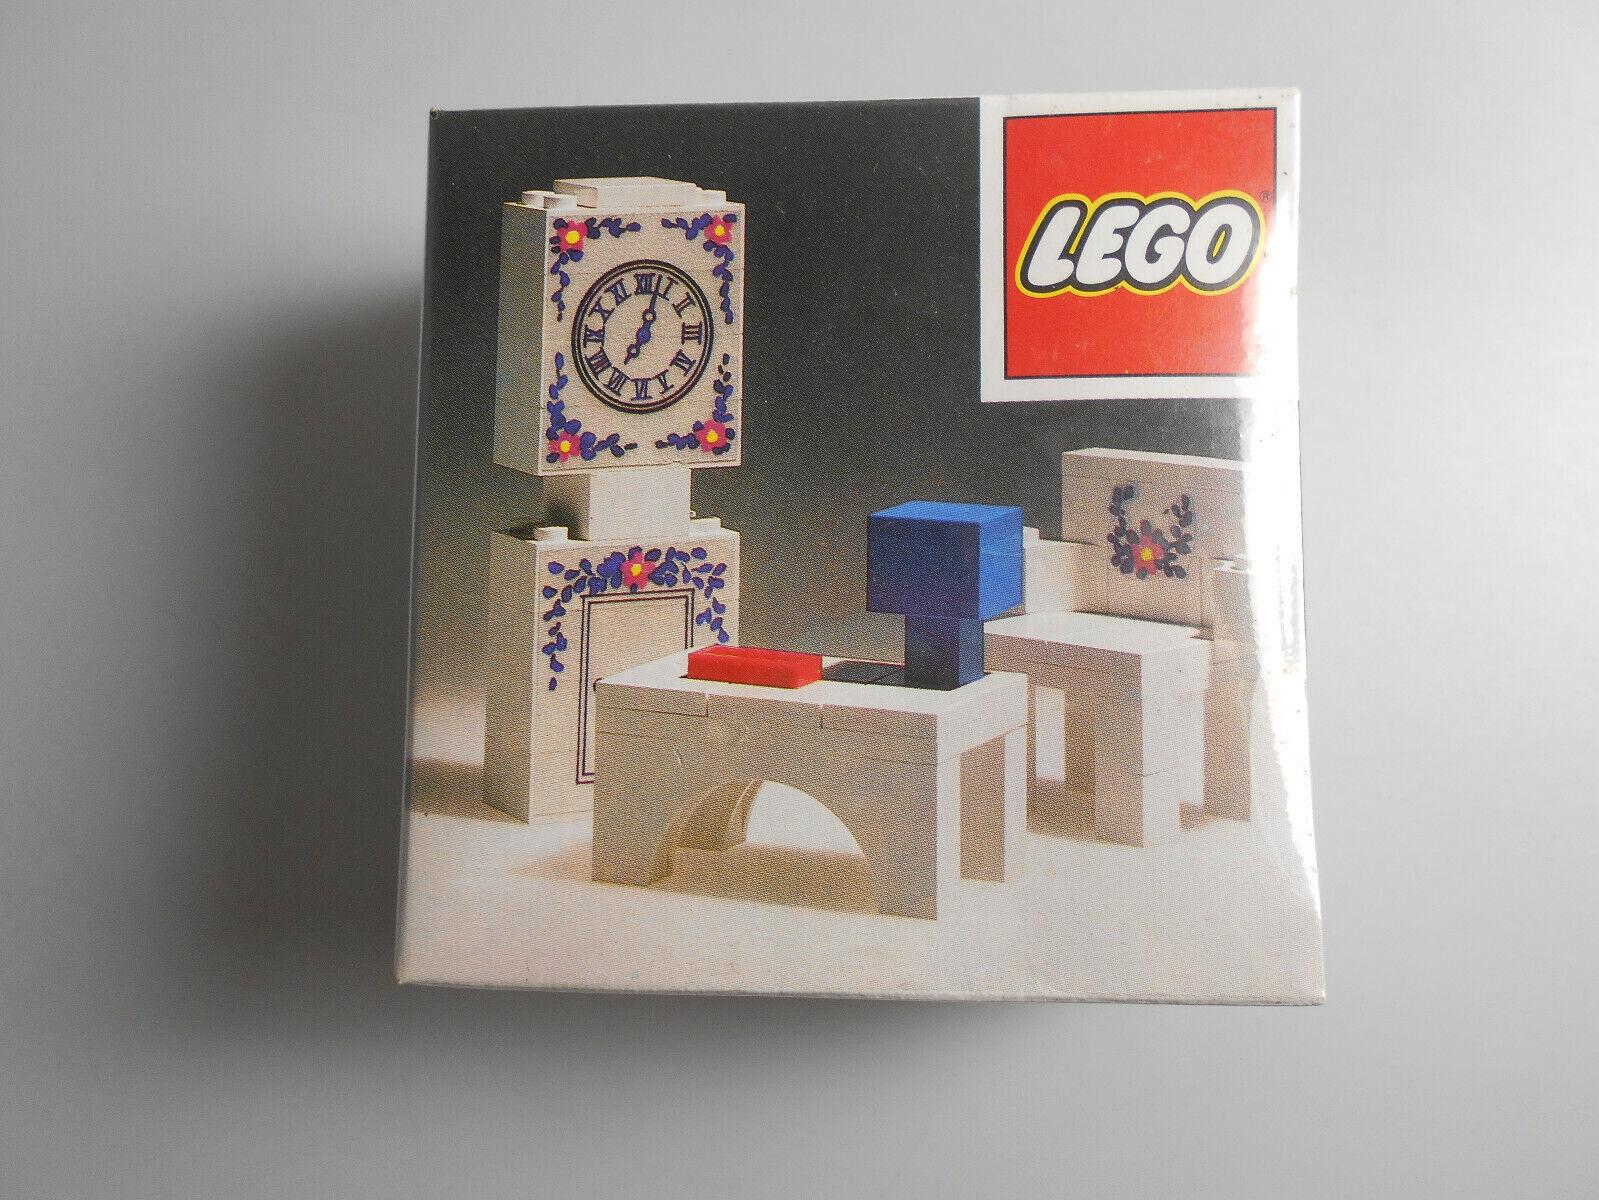 Lego® Homemaker Set 270 Neu und ungeöffnet in Folie